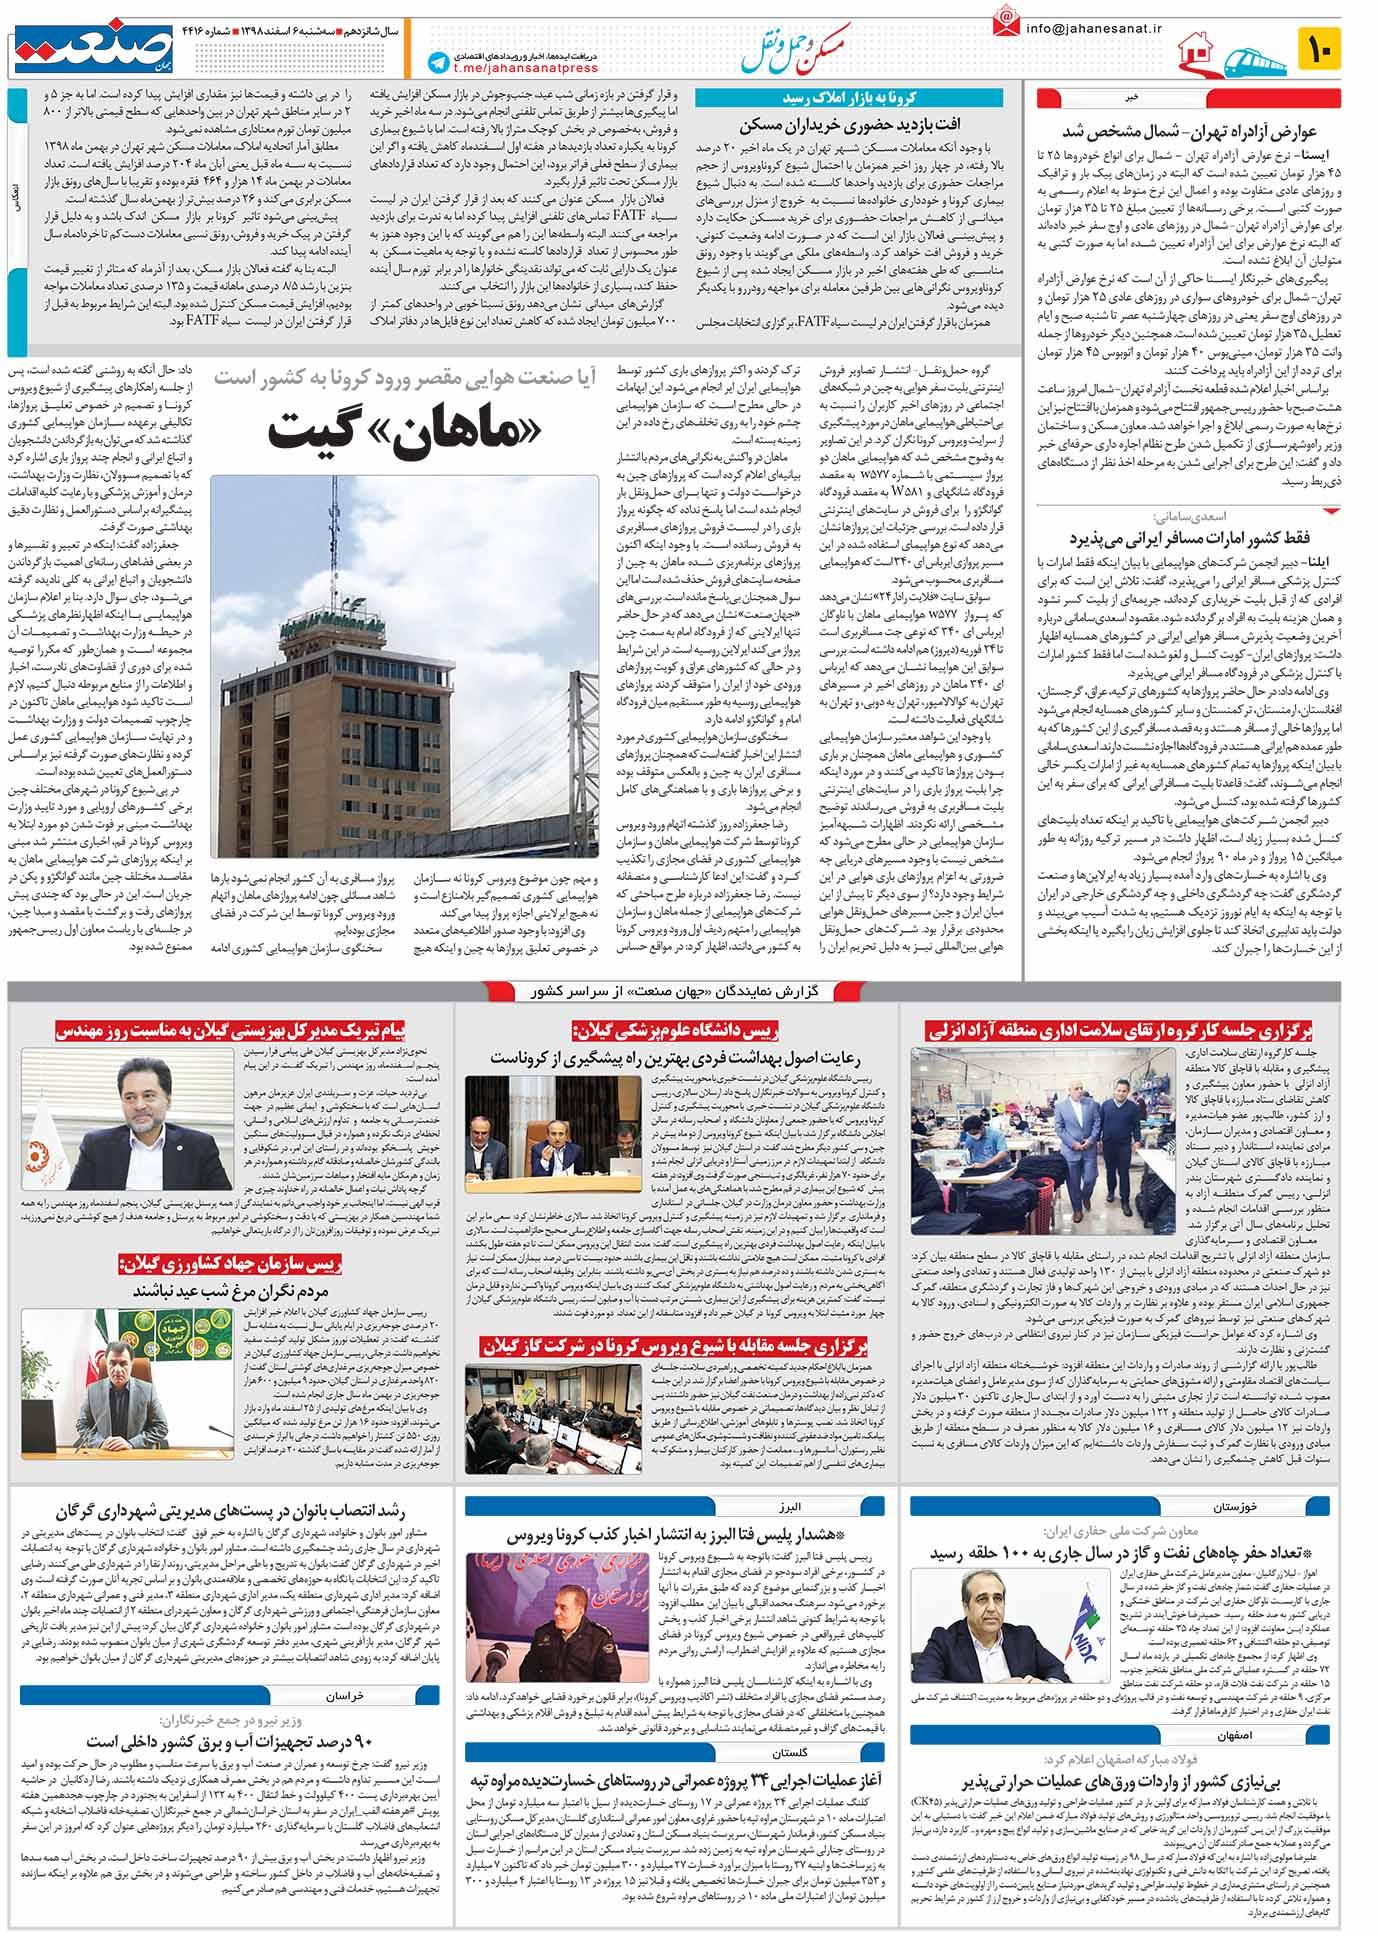 صفحه۱۰-۶سفند۱۳۹۸